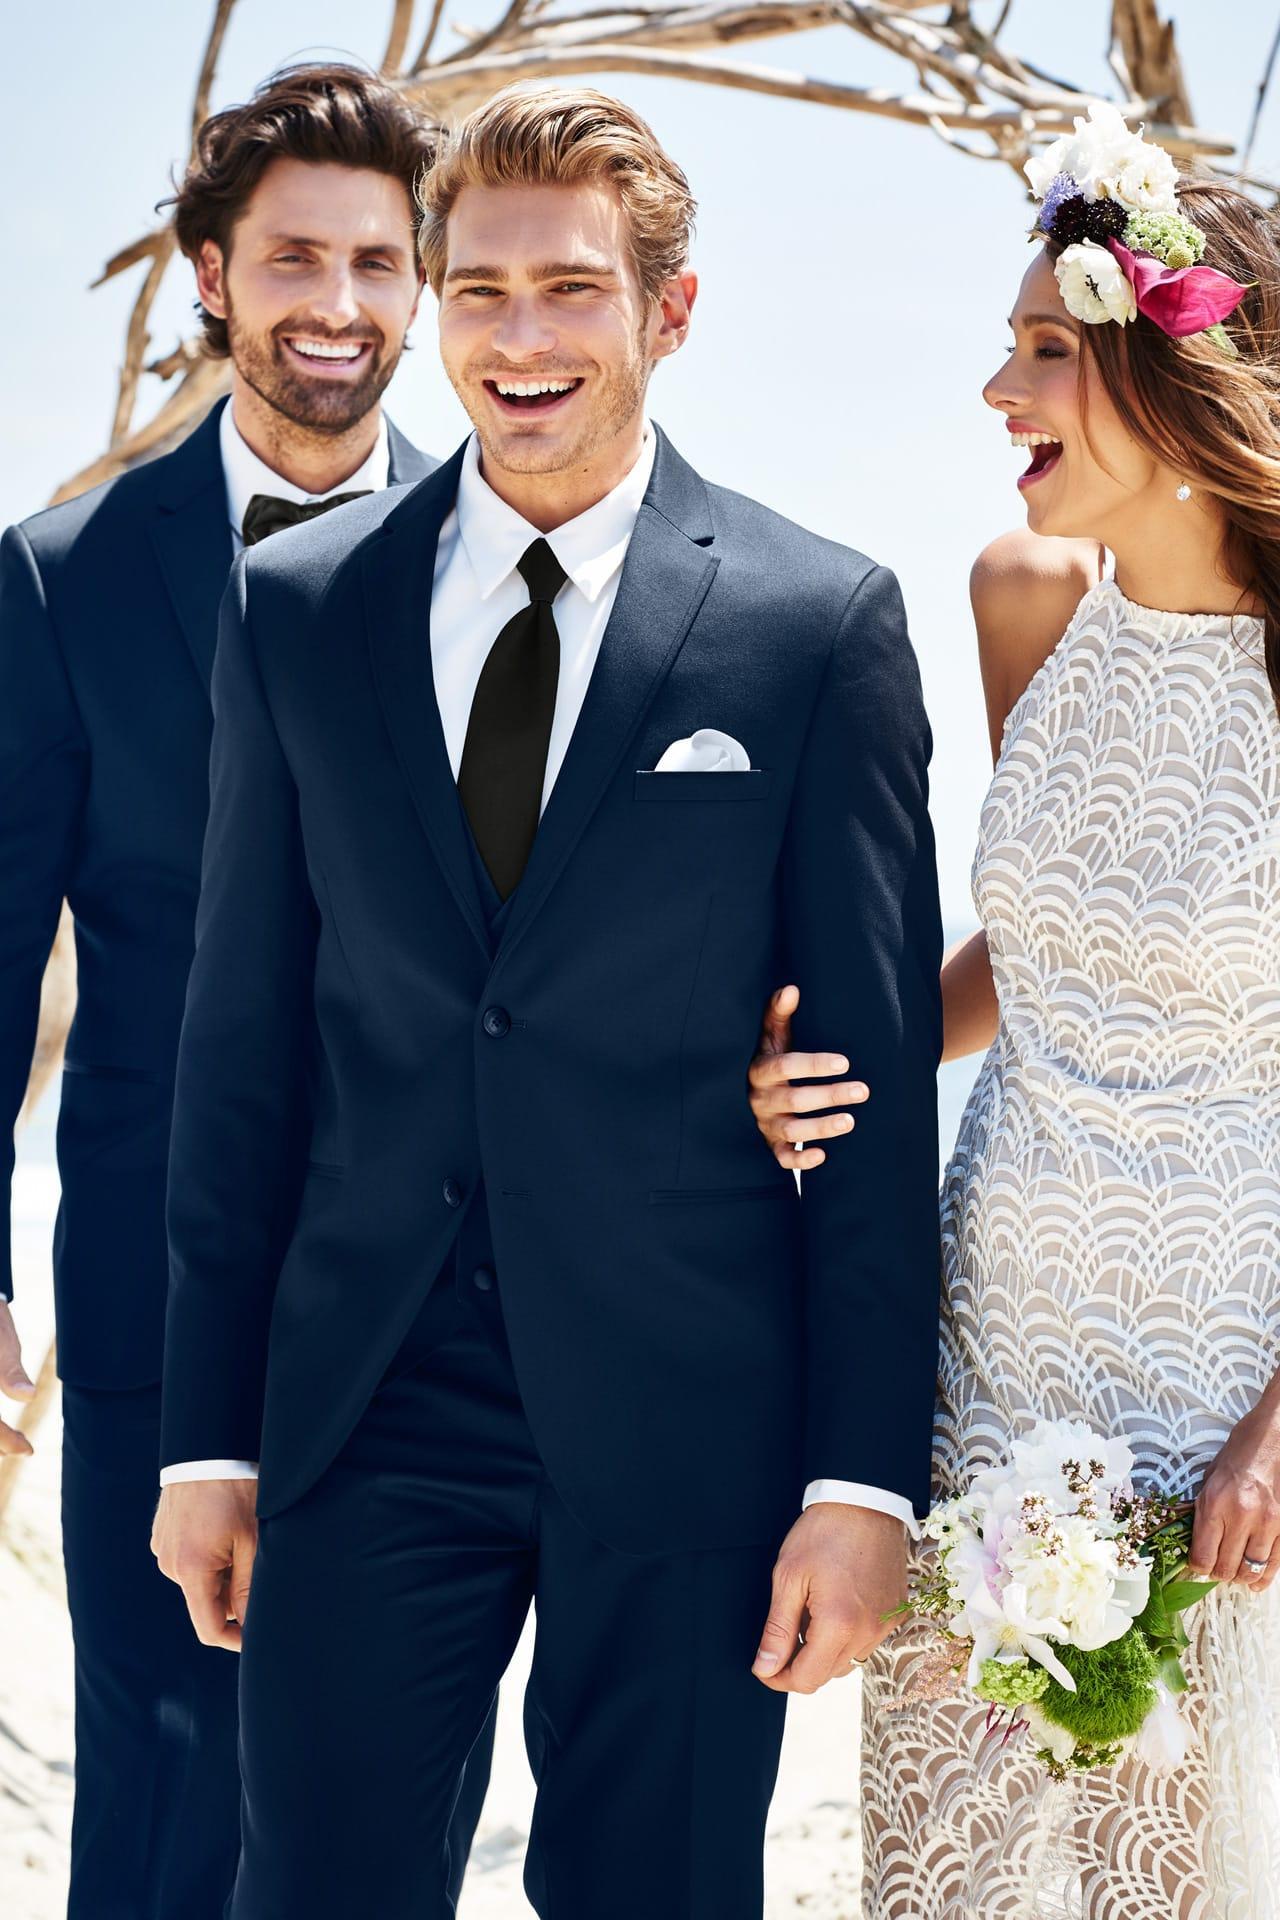 wedding-suit-navy-michael-kors-sterling-372-3.jpg